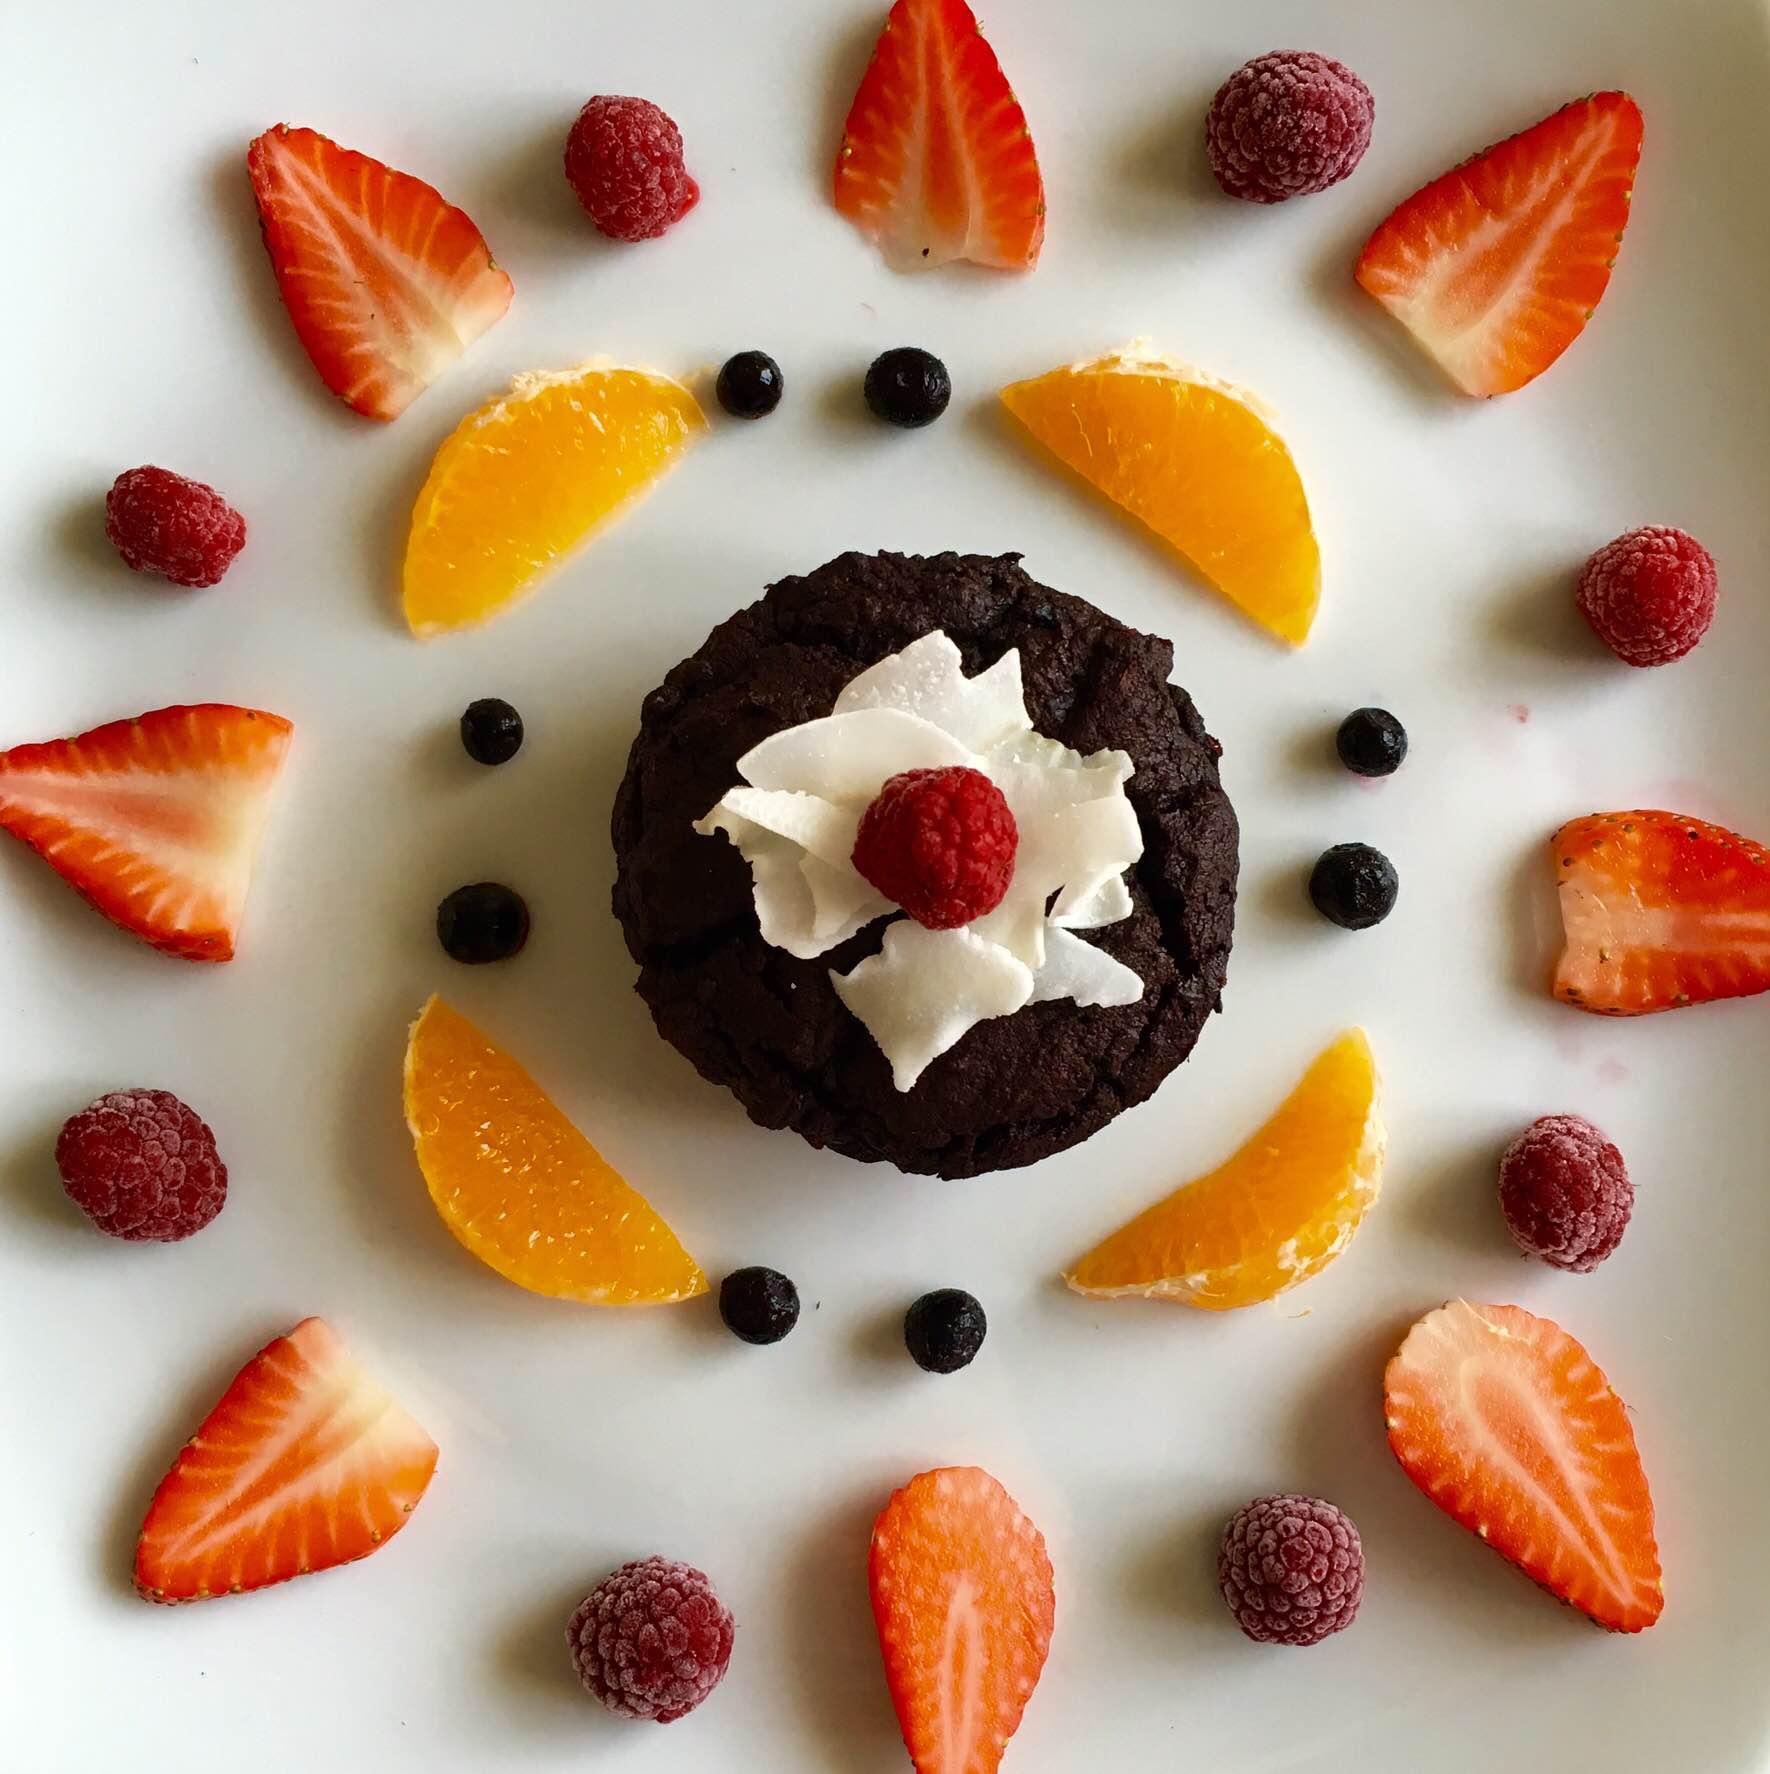 Recept: Kladdkaka med choklad (eller kladdkakemuffins) – utan socker och gluten!